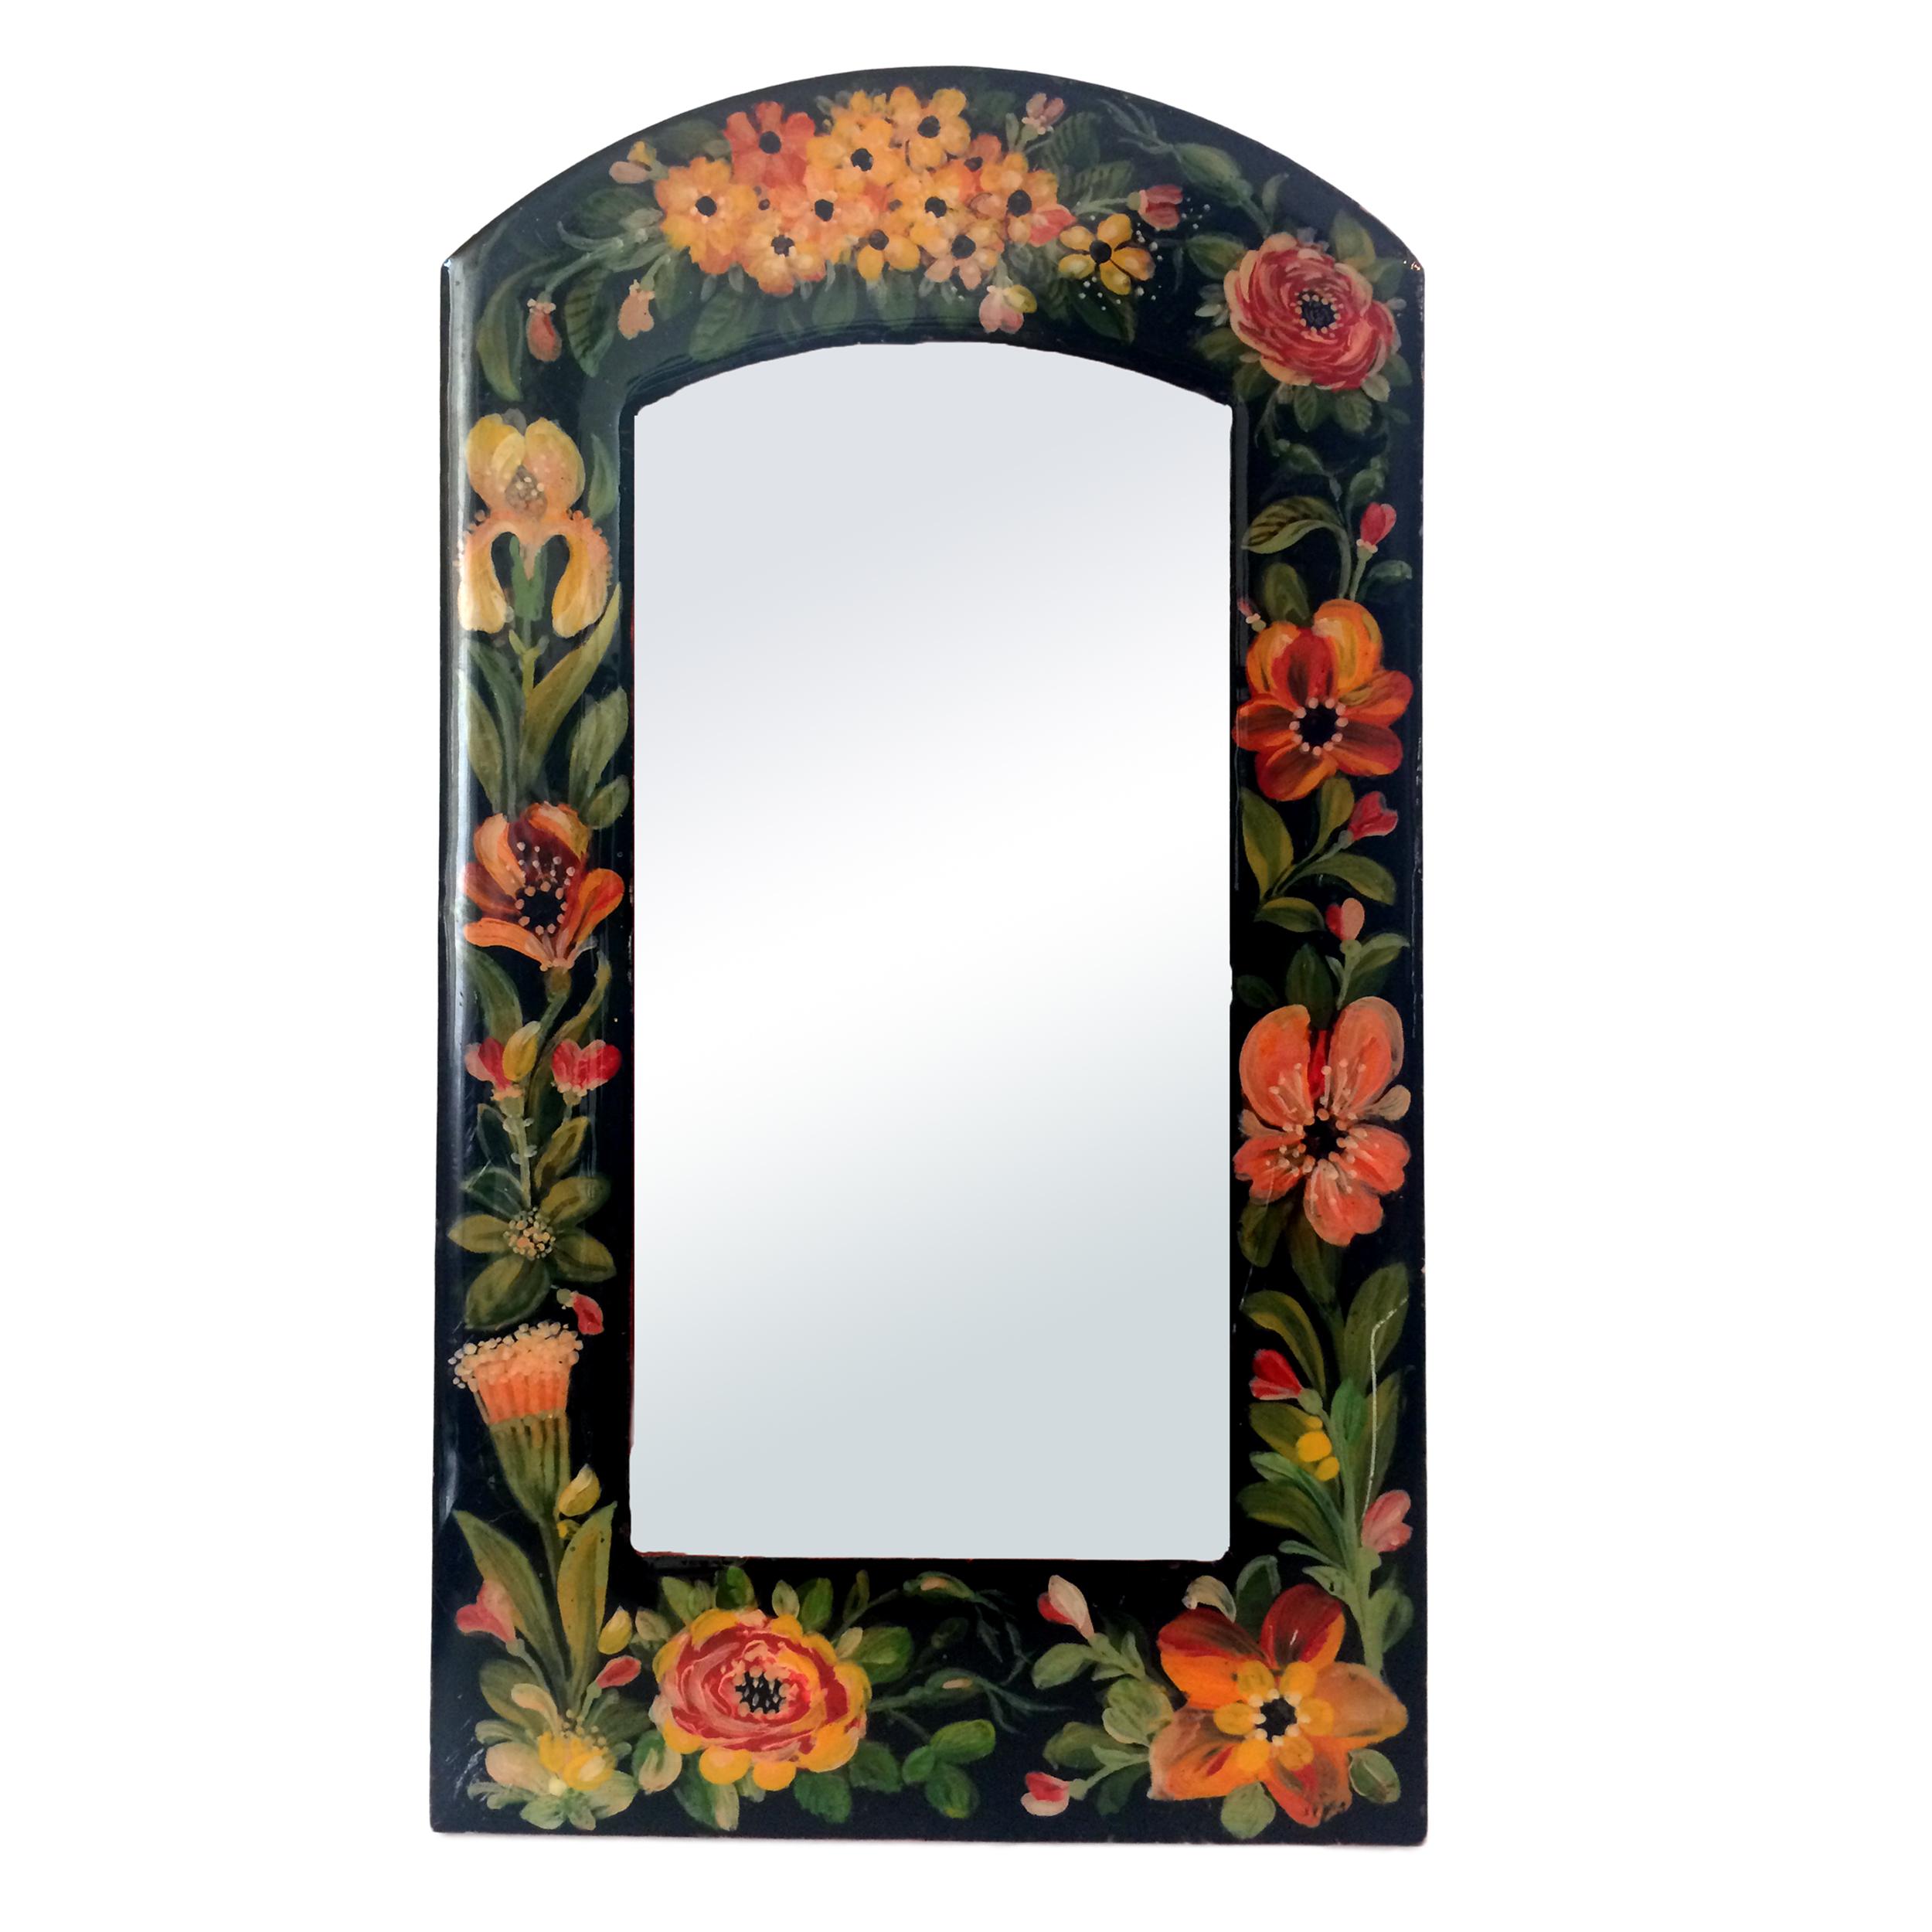 خرید                      آینه مدل گل و مرغ کد 003